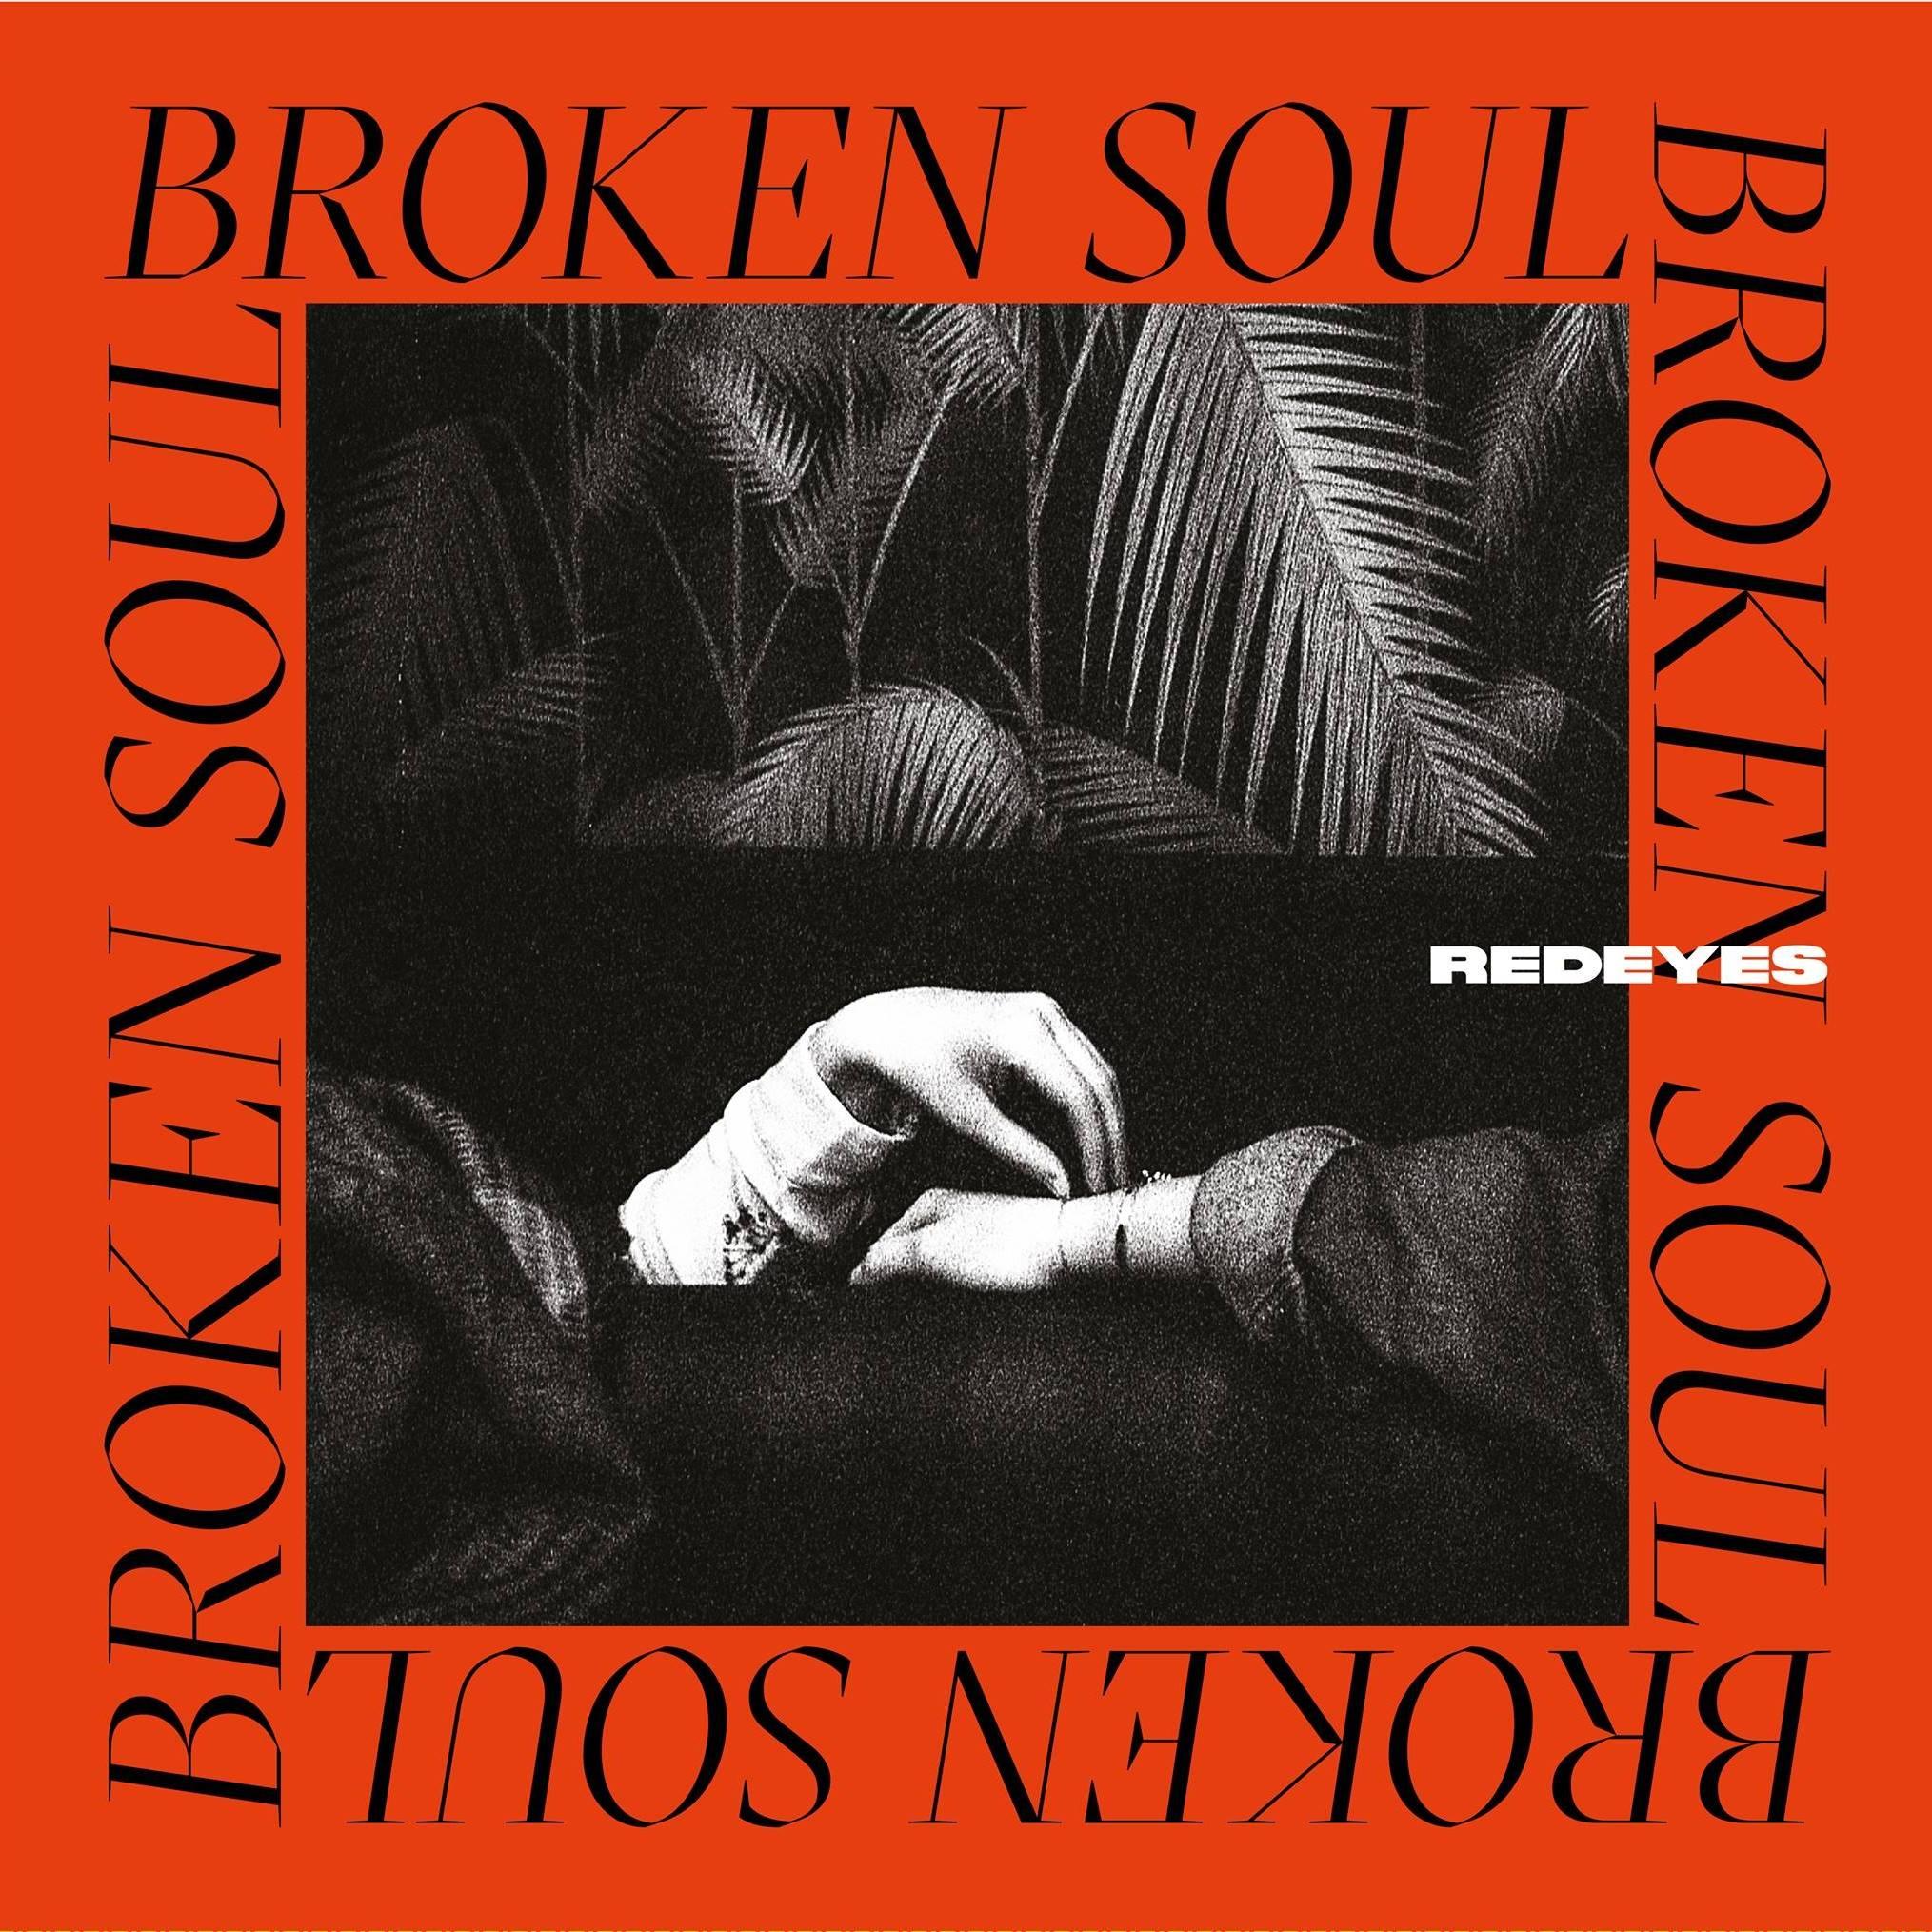 Redeyes Broken Soul